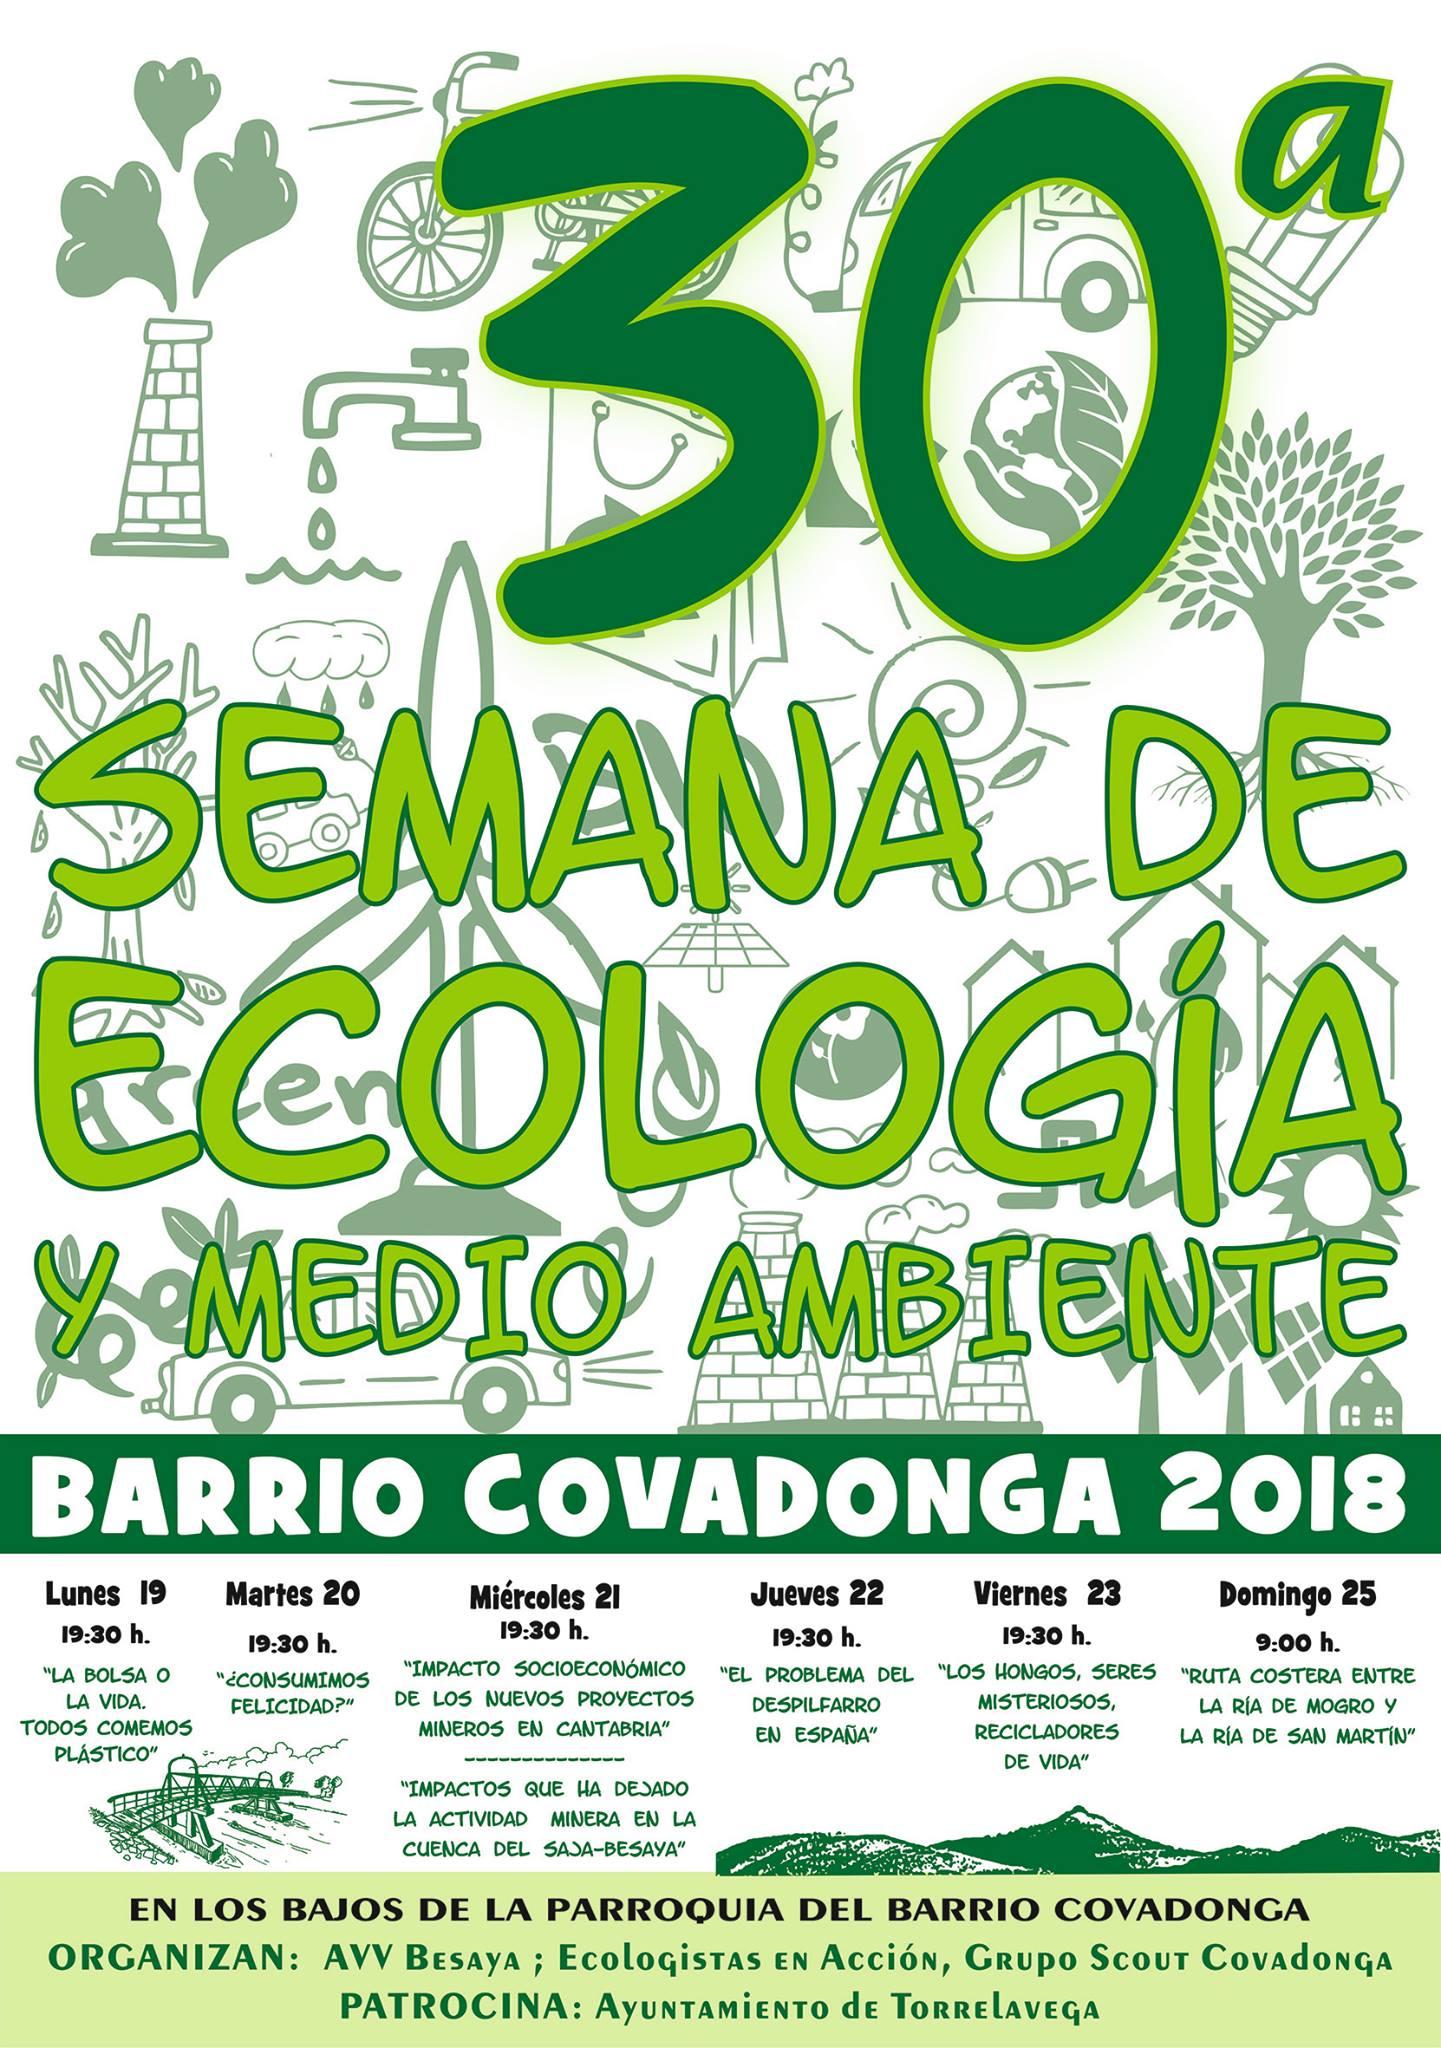 Cartel de la 30ª semana de ecología y medio ambiente